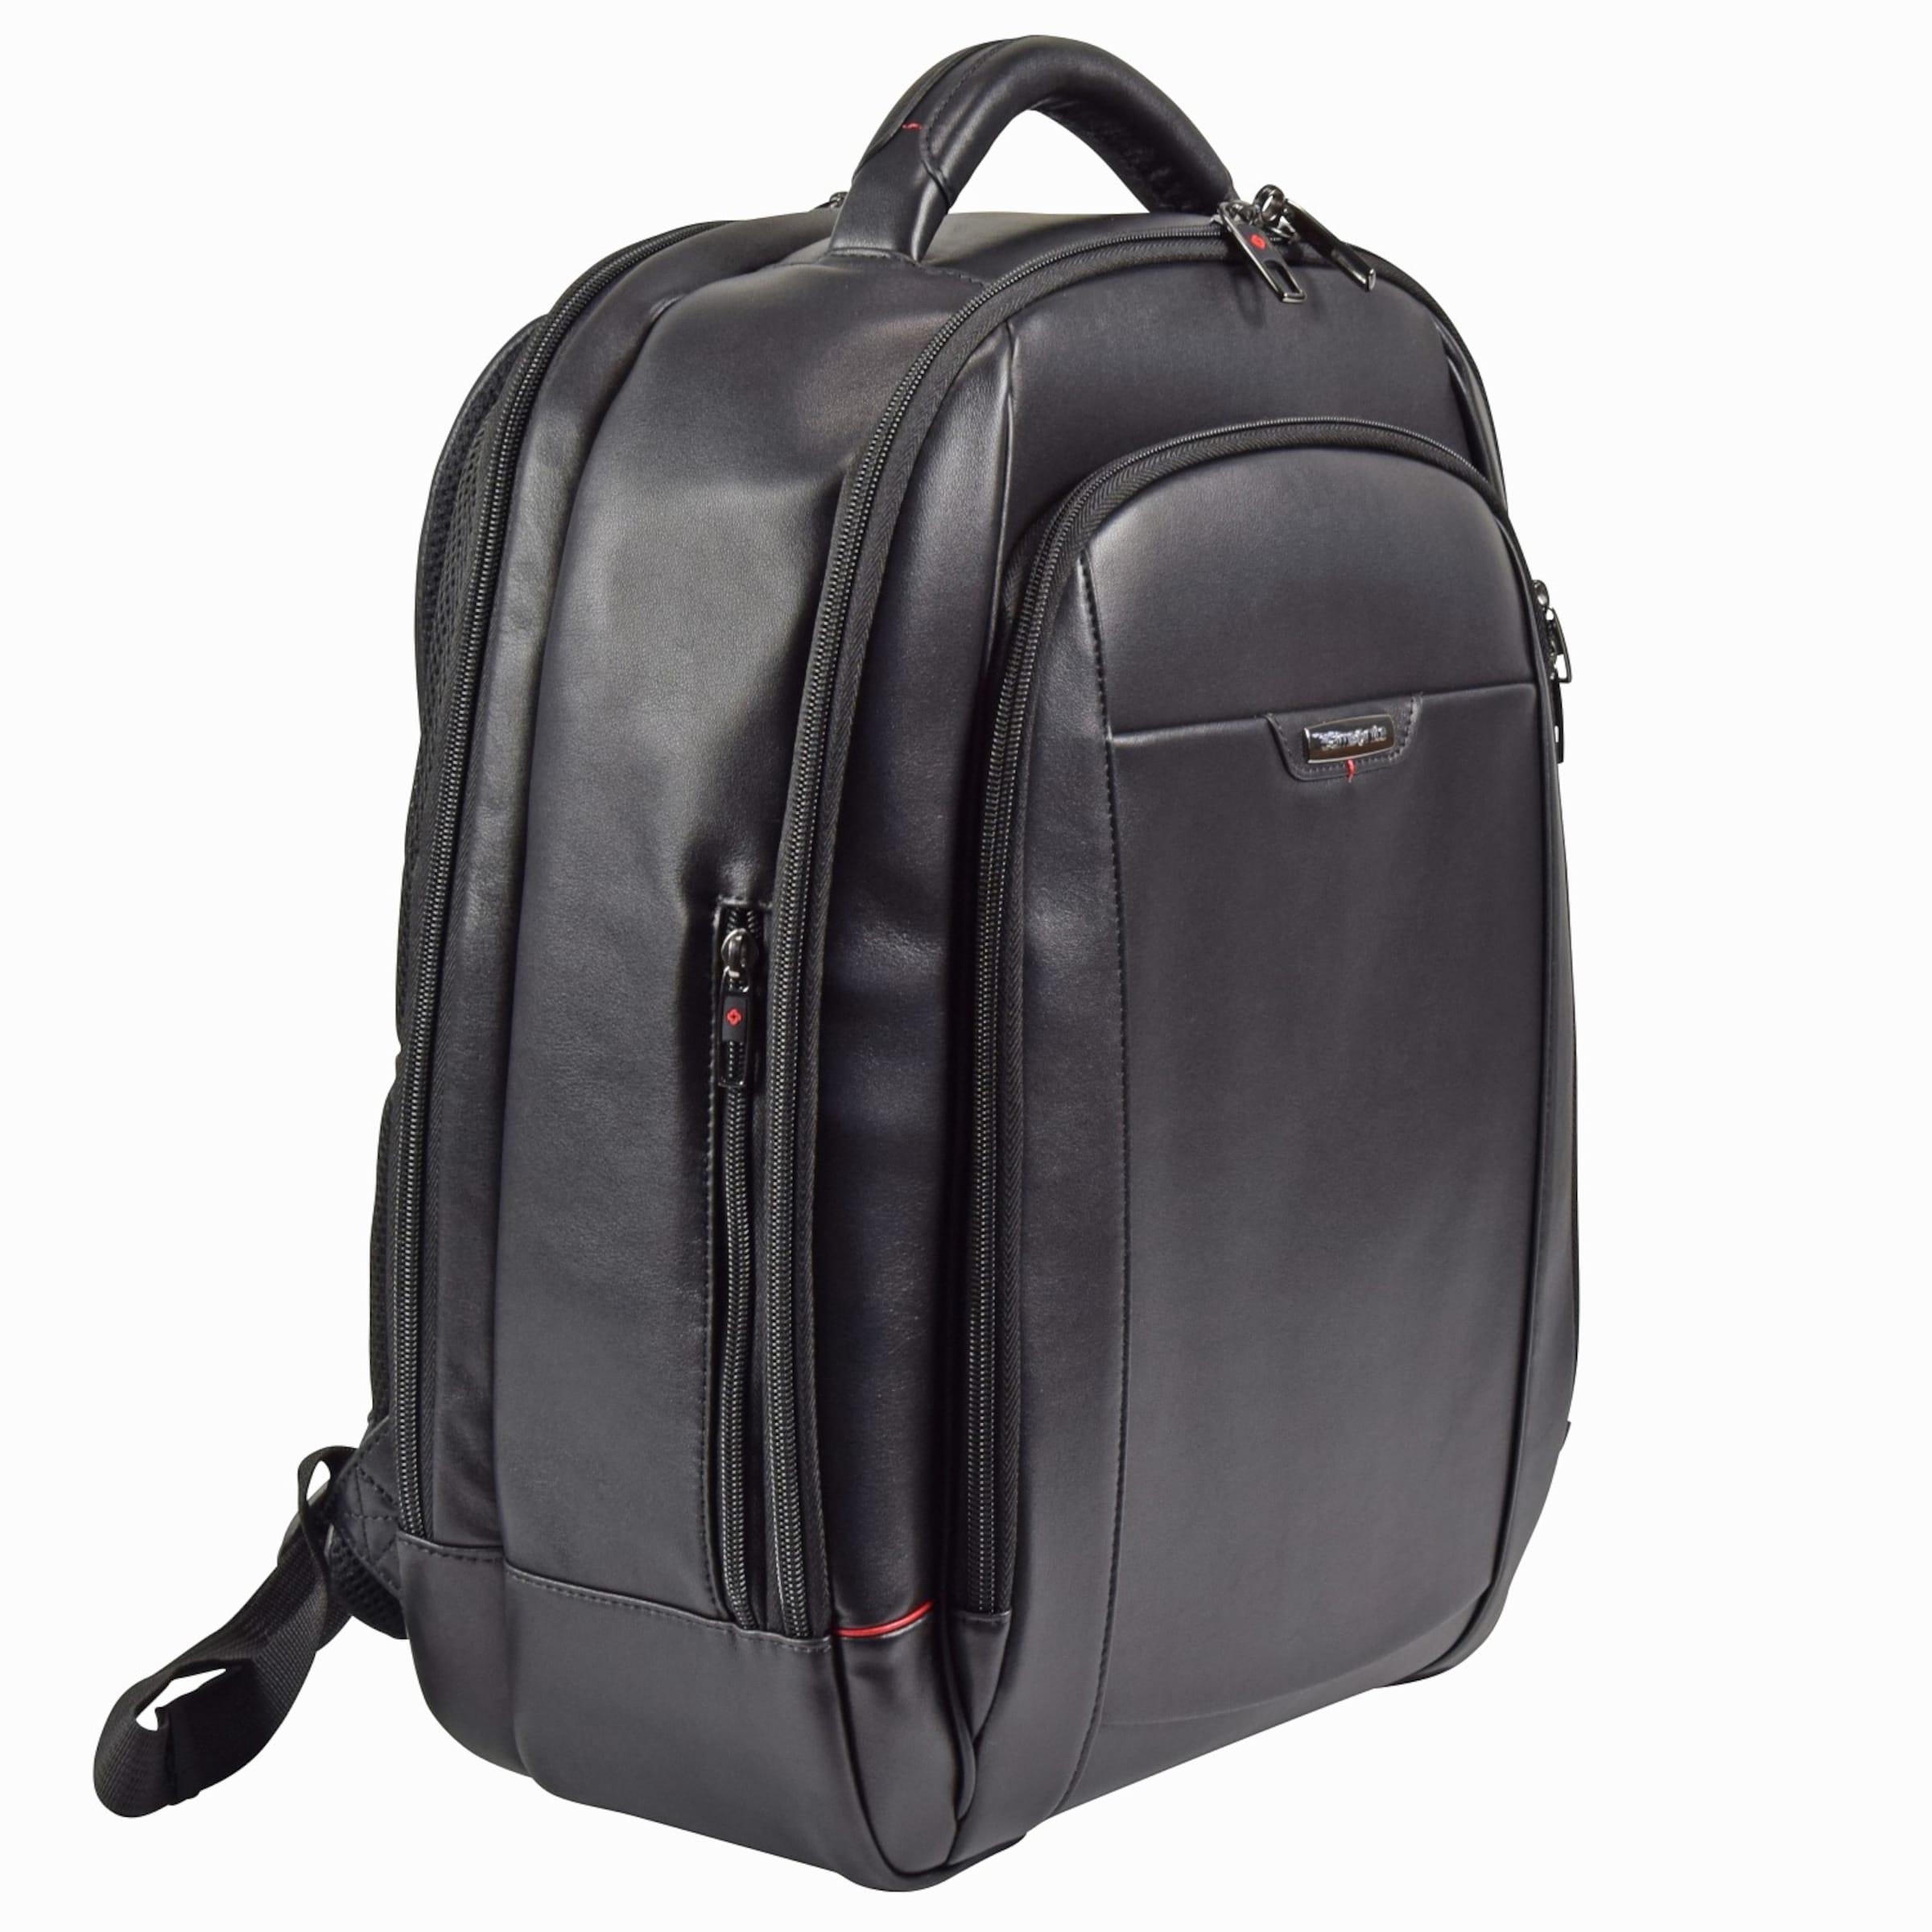 SAMSONITE Pro-DLX 4 LTH Business Rucksack Leder 50 cm Laptopfach Offiziell Besuchen Online-Verkauf Neu Versorgung Günstiger Preis Günstiger Preis Fälscht G1NhfmUU